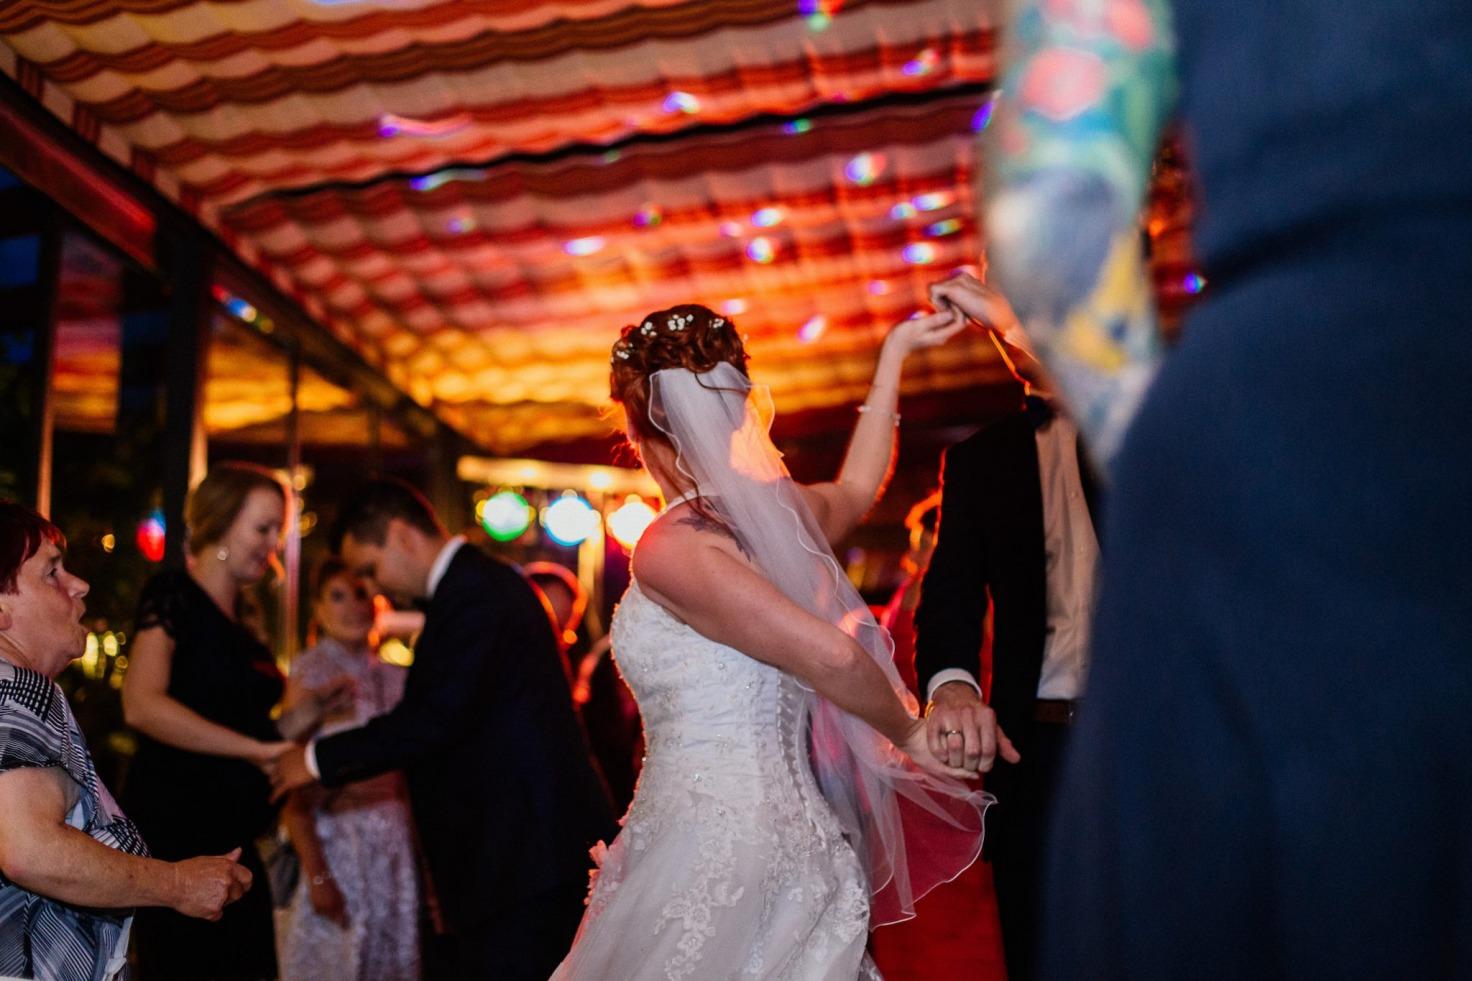 Hochzeit von Tine und Basti in Münster: Brautpaar tanzt mit den Gästen